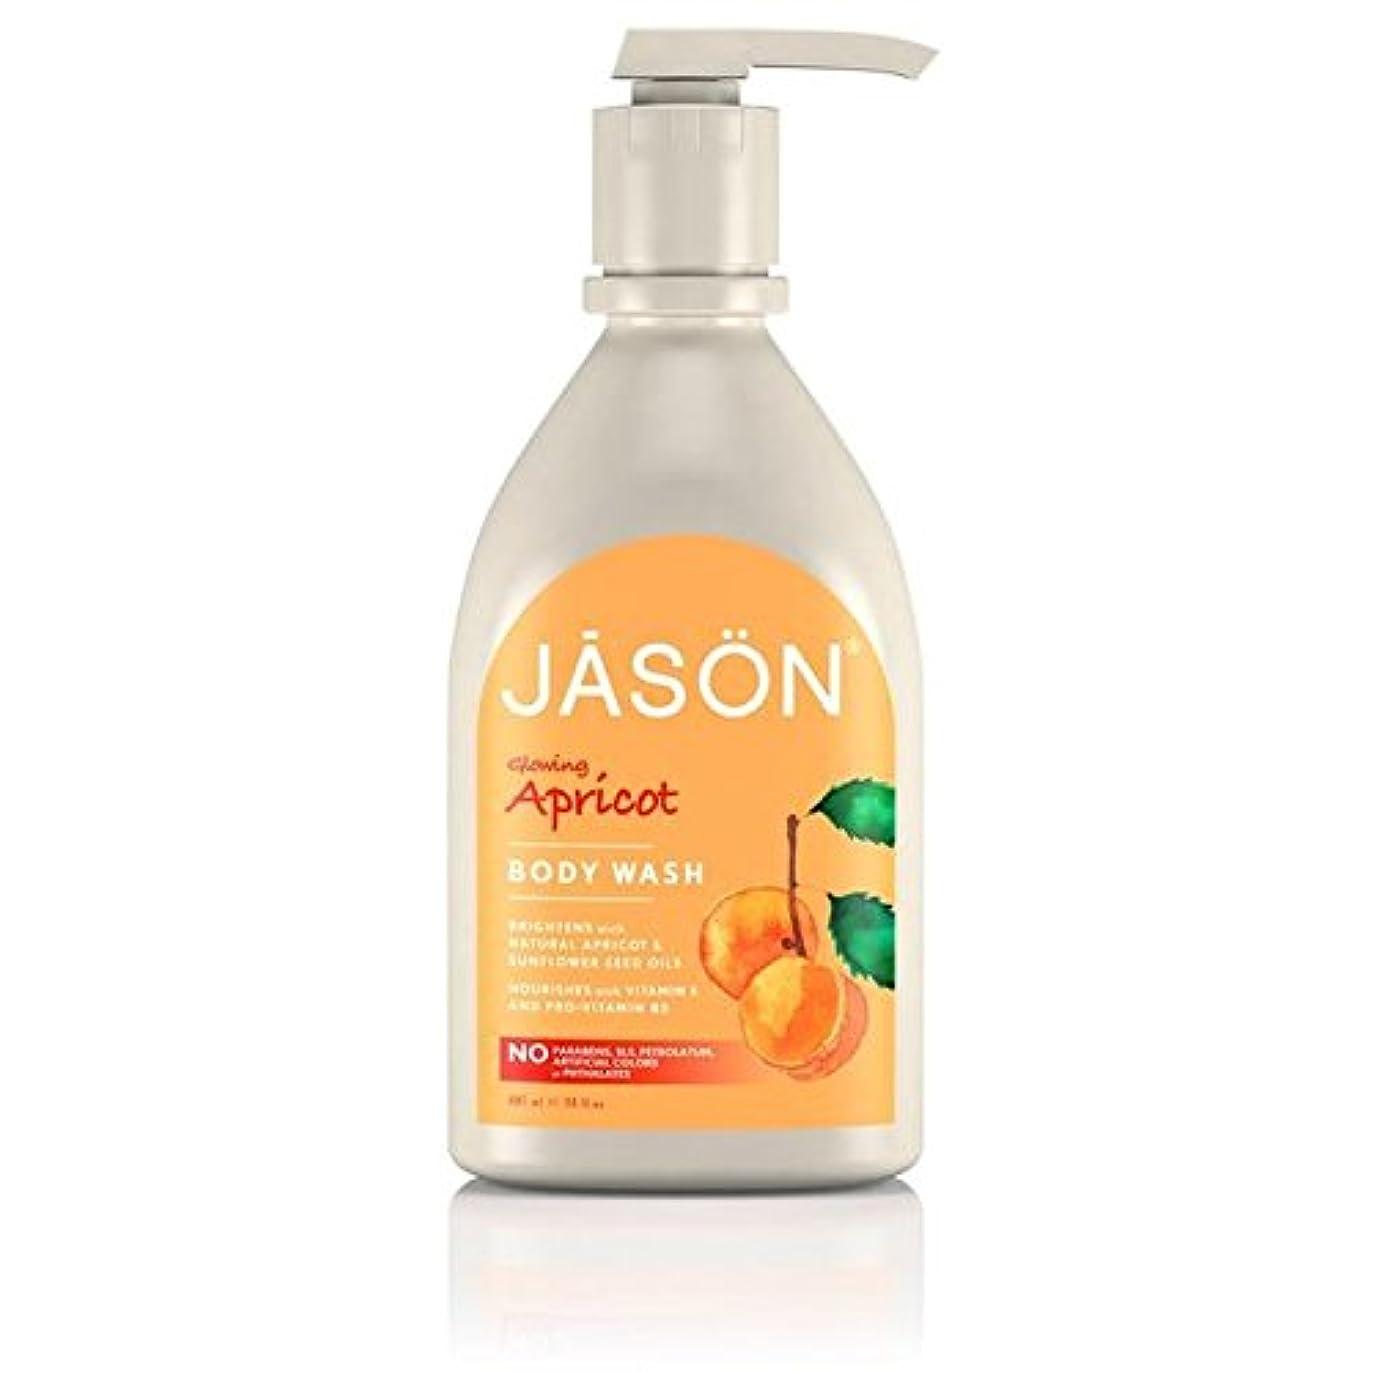 一次気がついて最大のジェイソン?アプリコットサテンボディウォッシュポンプ900ミリリットル x4 - Jason Apricot Satin Body Wash Pump 900ml (Pack of 4) [並行輸入品]